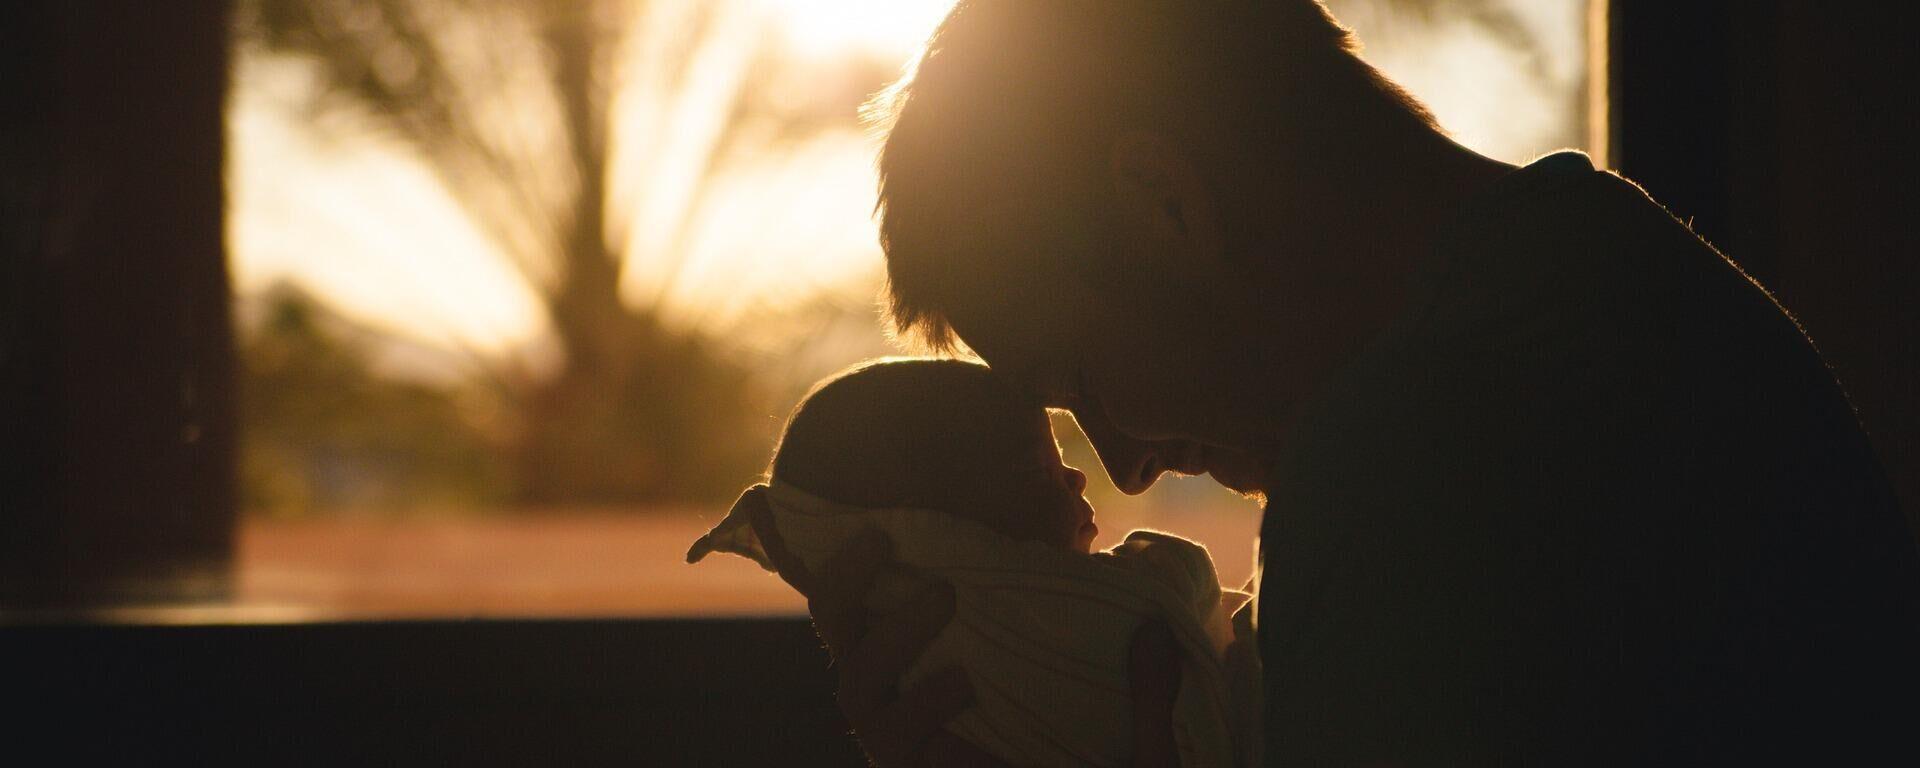 Ένας πατέρας με το μωρό του  - Sputnik Ελλάδα, 1920, 11.05.2021